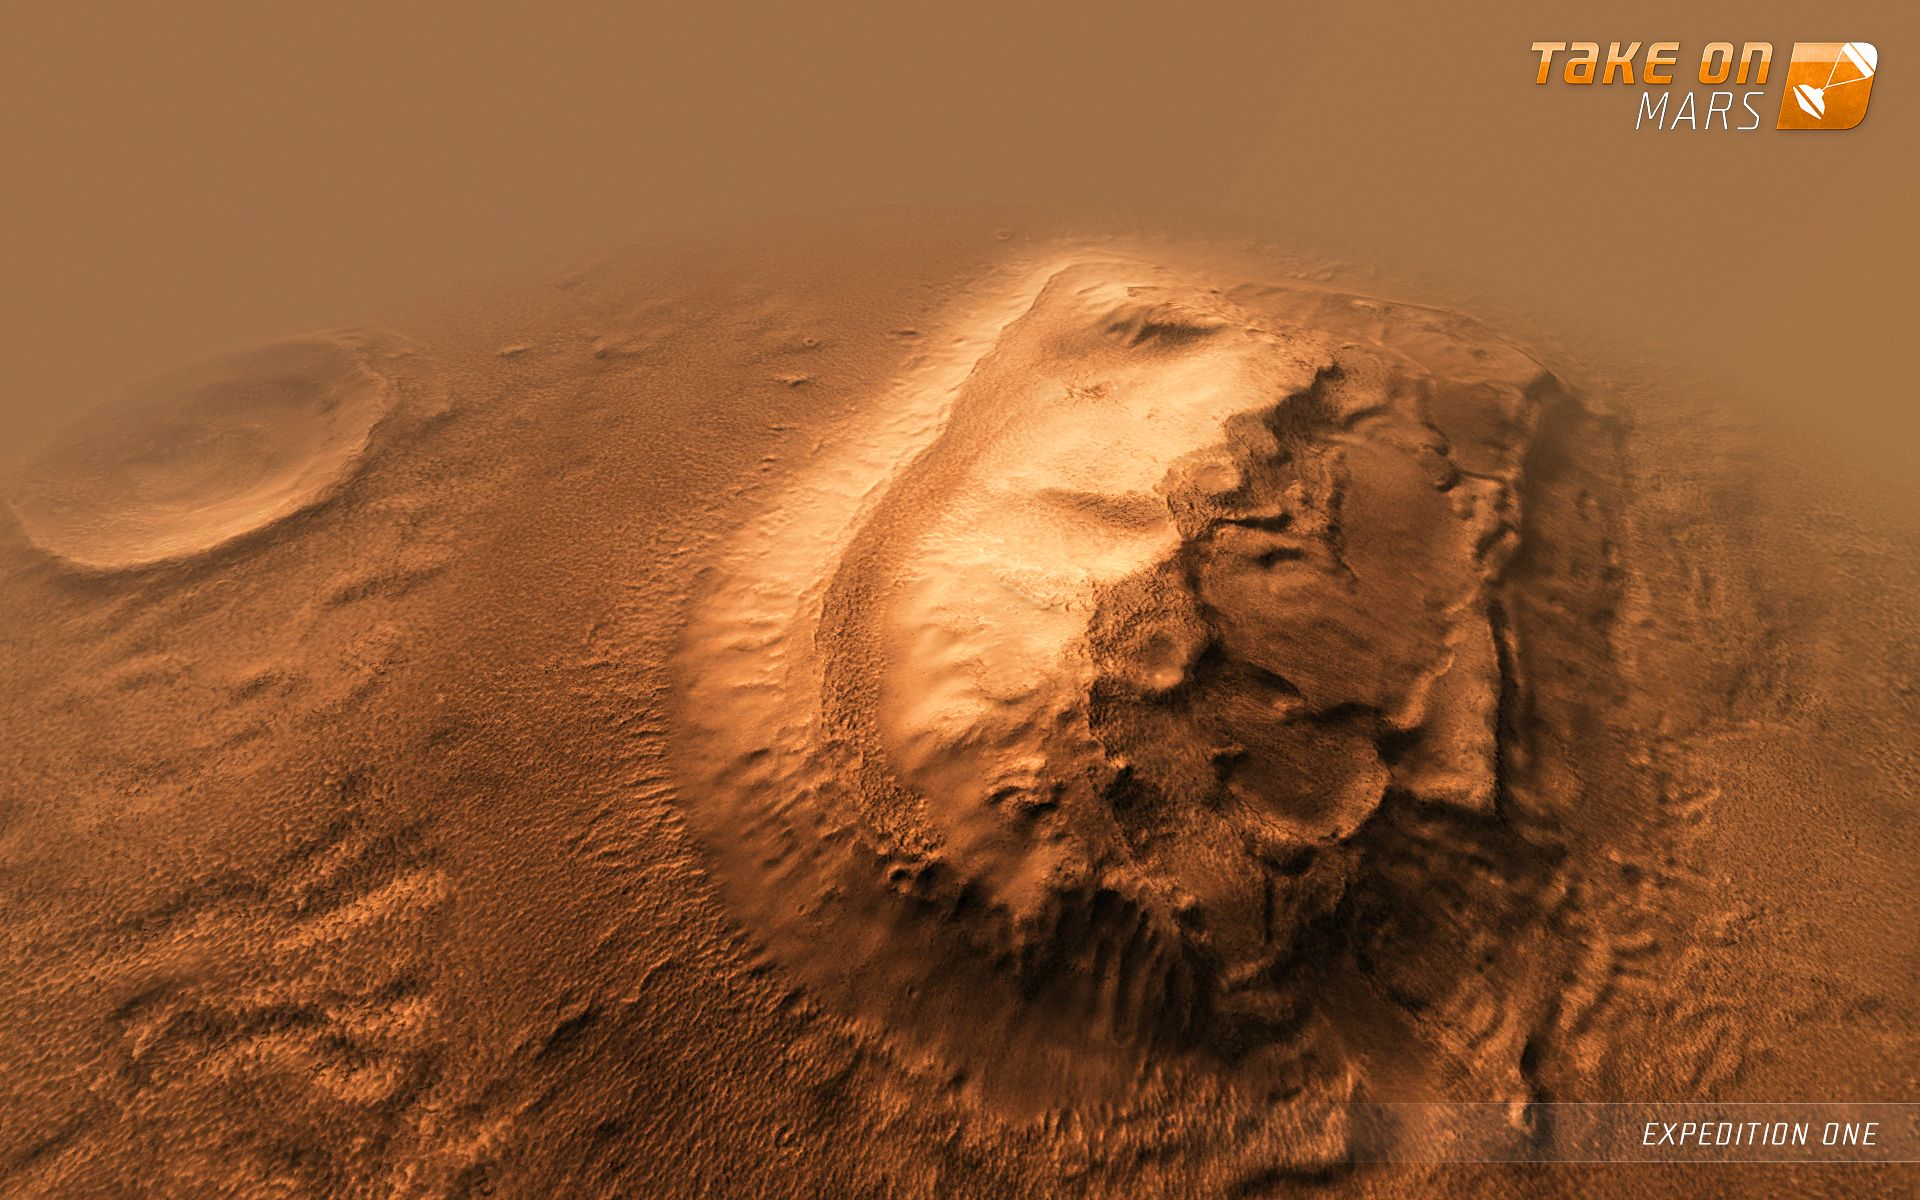 S updatem Take On Mars dorazí na Mars lidská posádka 94136